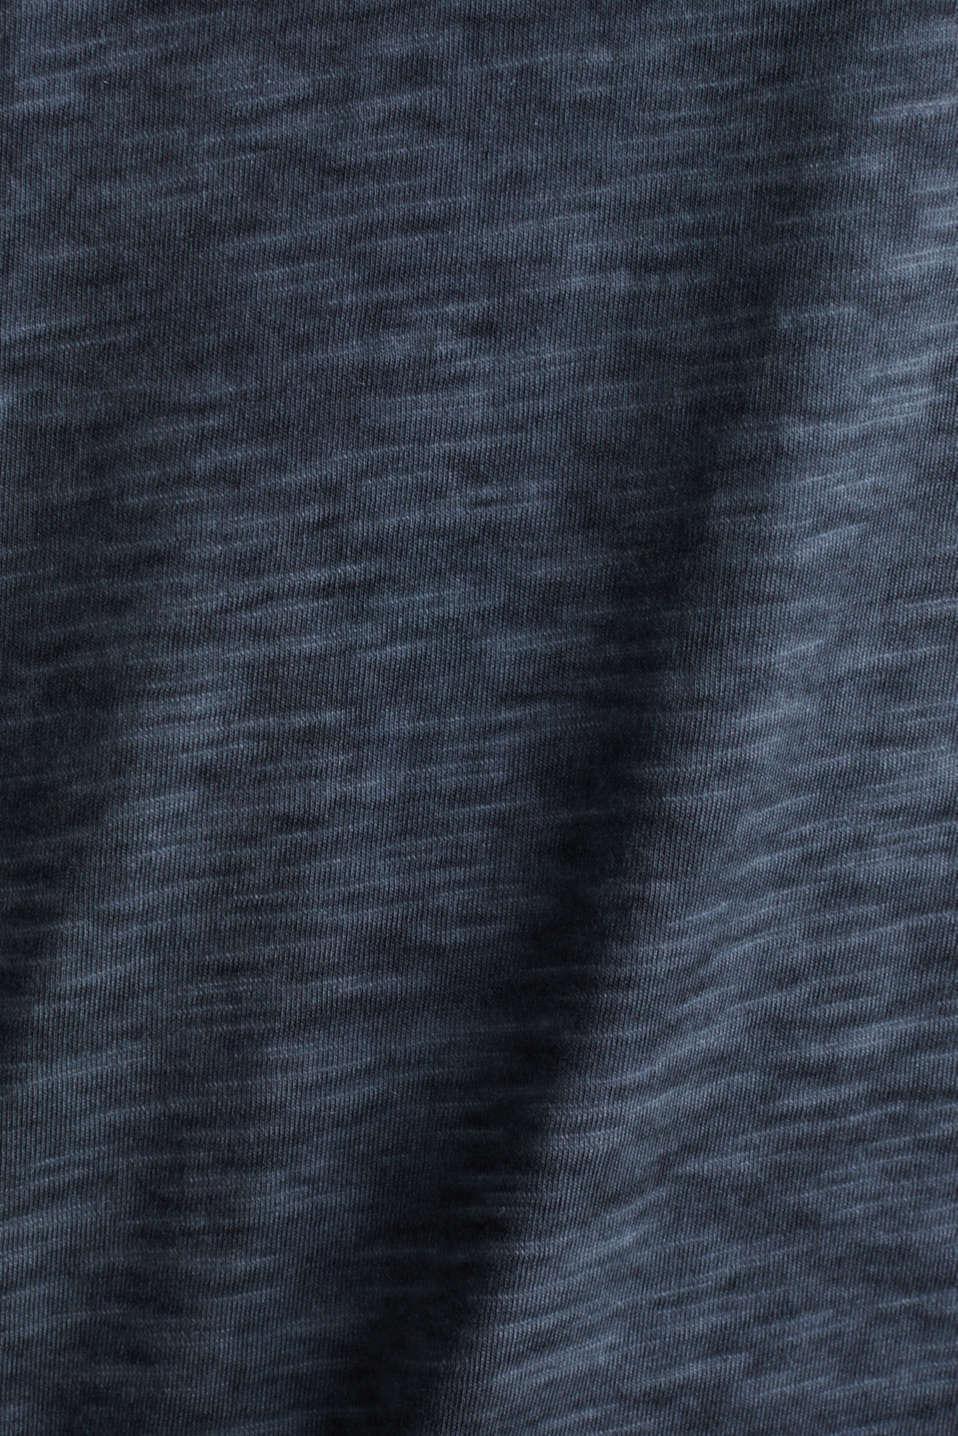 Slub jersey T-shirt made of organic cotton, NAVY 2, detail image number 3